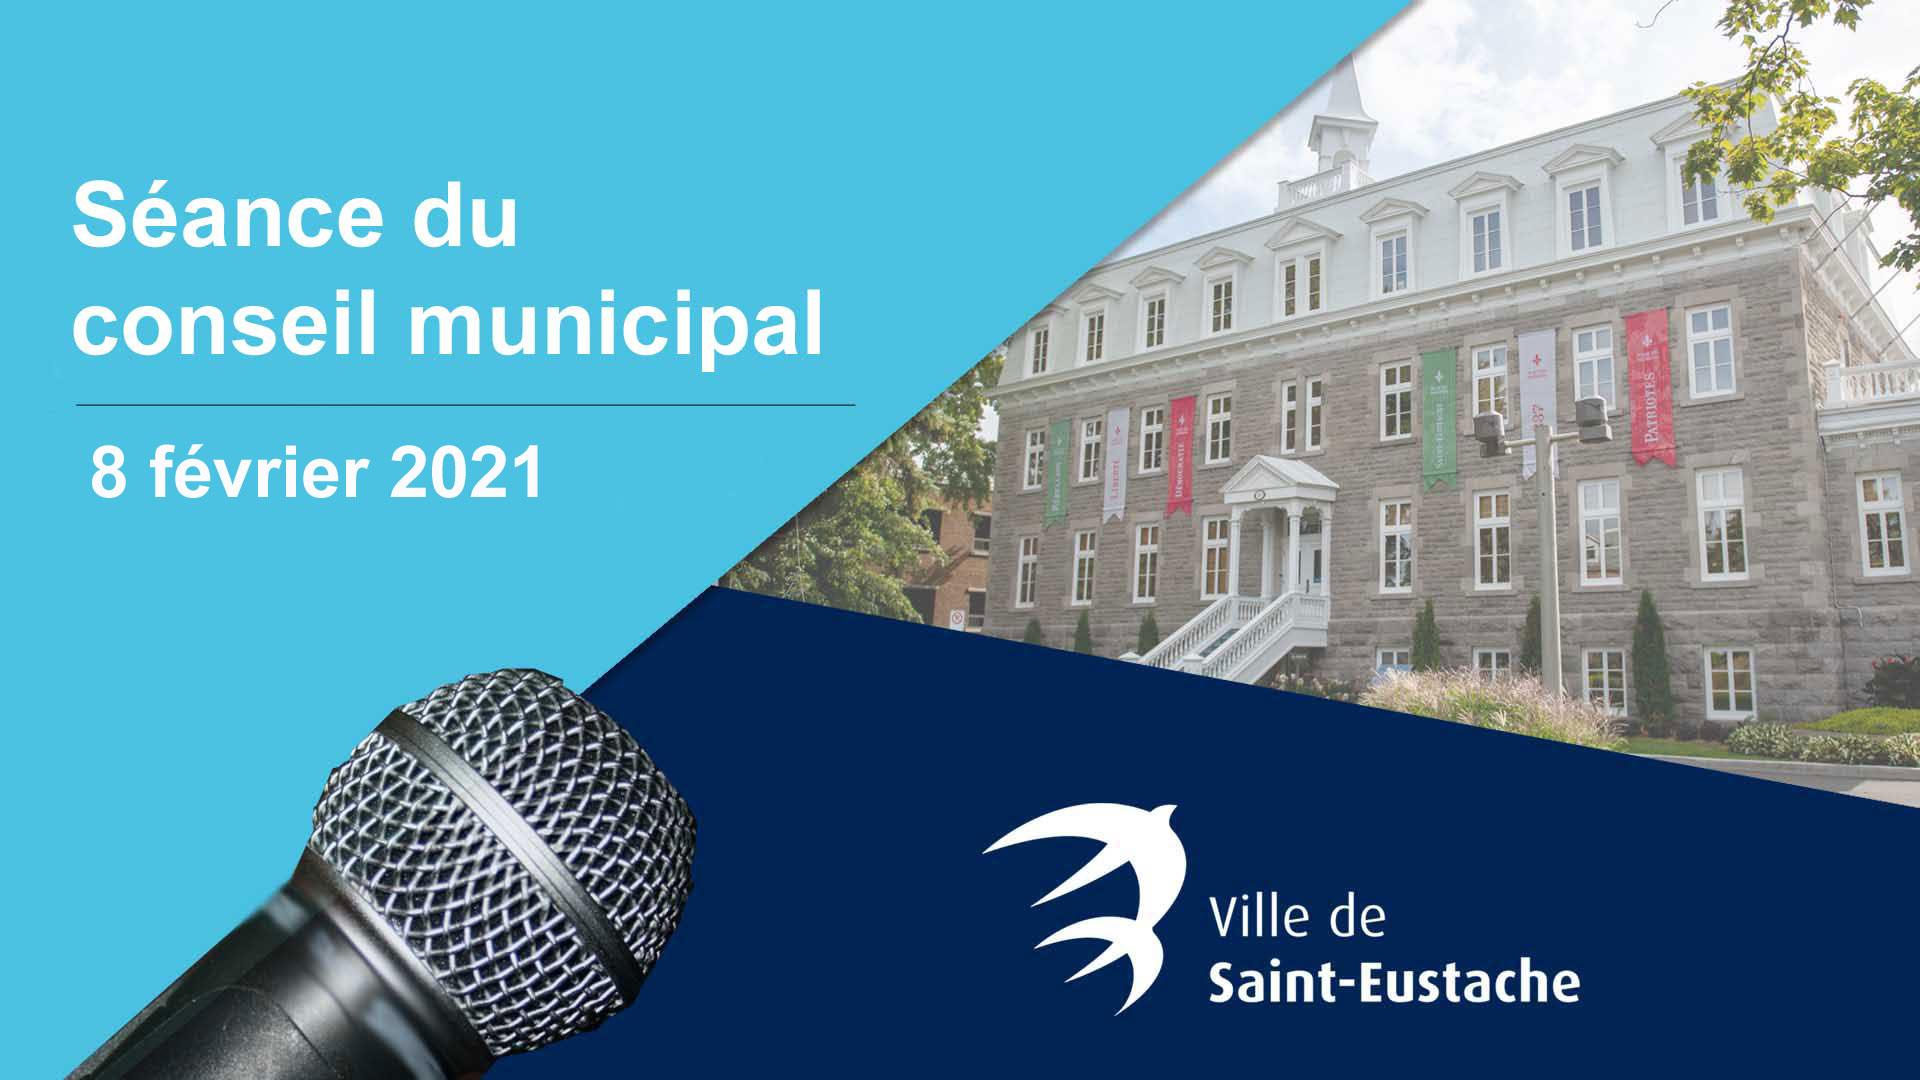 Ville de saint-Eustache - Séance du conseil municipal à huis clos le 8 février 2021